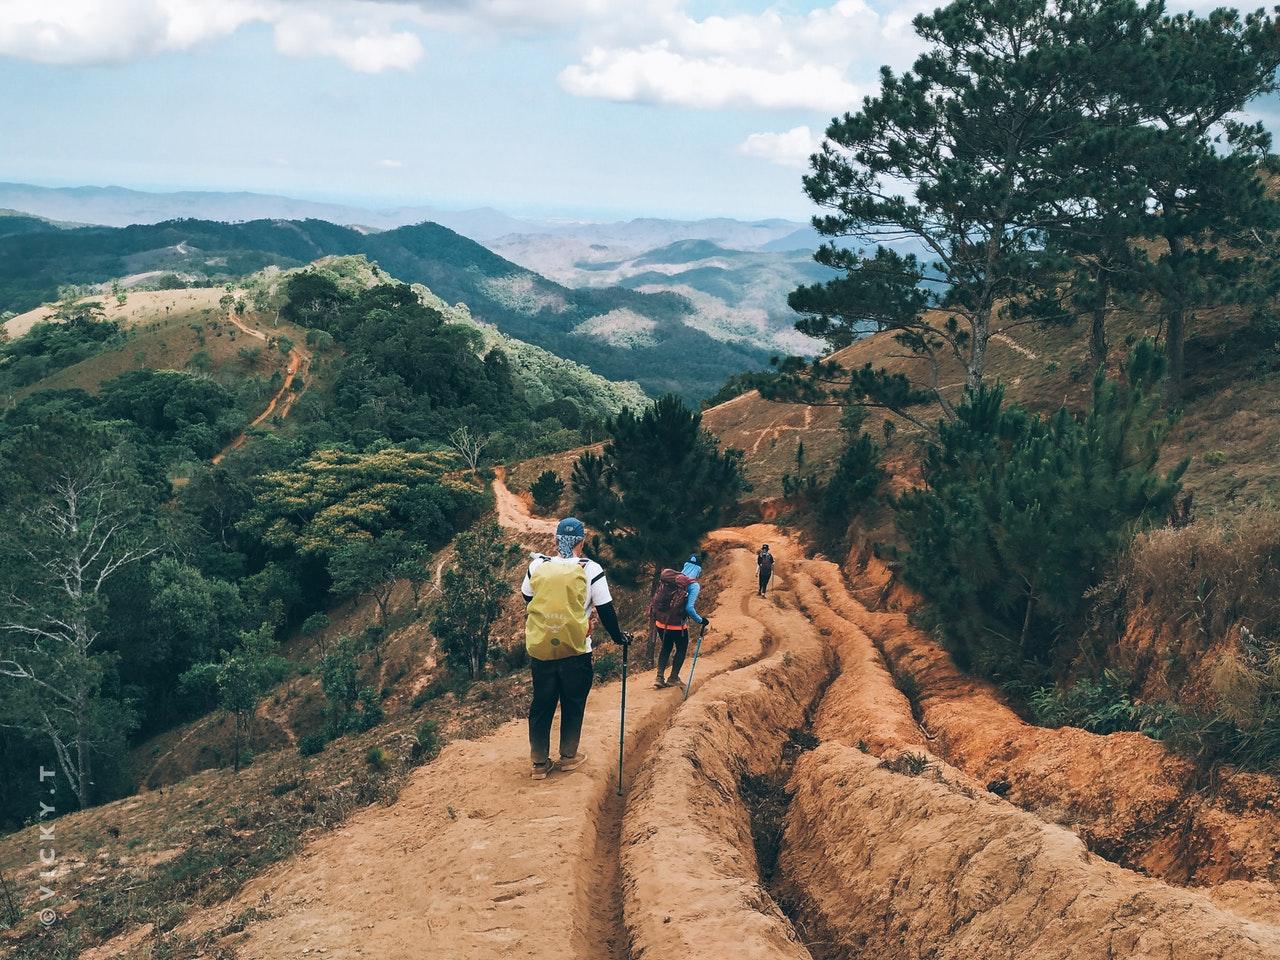 tramping, hiking, trekking, viaggiare con lentezza, slow travel, viaggi a piedi, viaggi avventurosi, viaggi nei boschi, avventure nel mondo, nuova zelanda